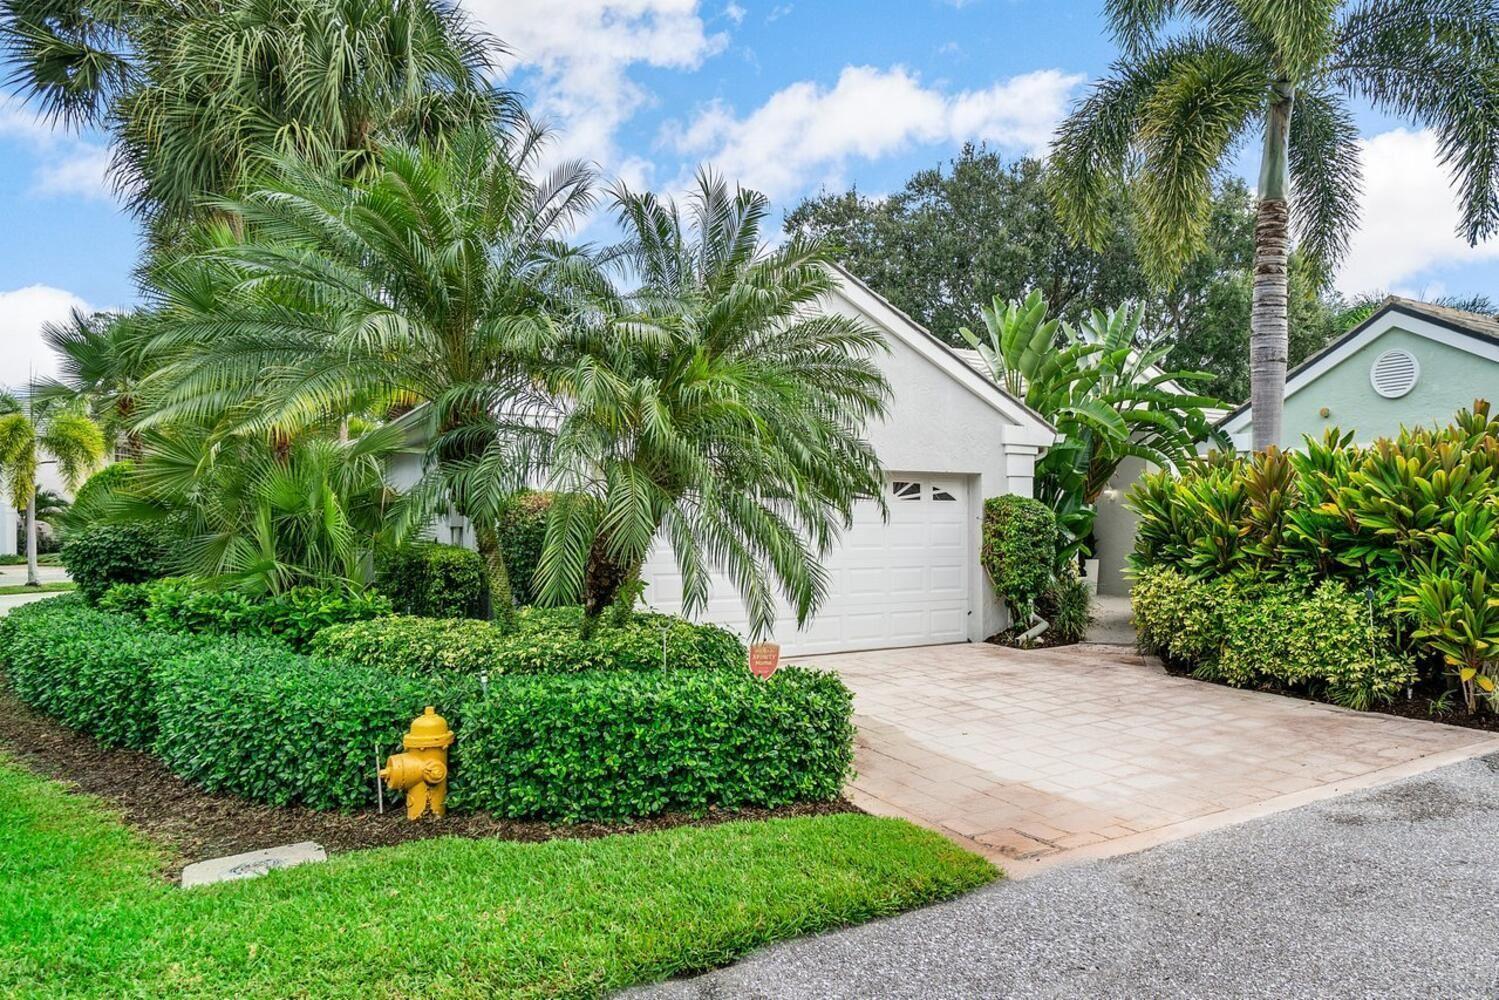 Photo of 32 Admirals Court, Palm Beach Gardens, FL 33418 (MLS # RX-10745965)